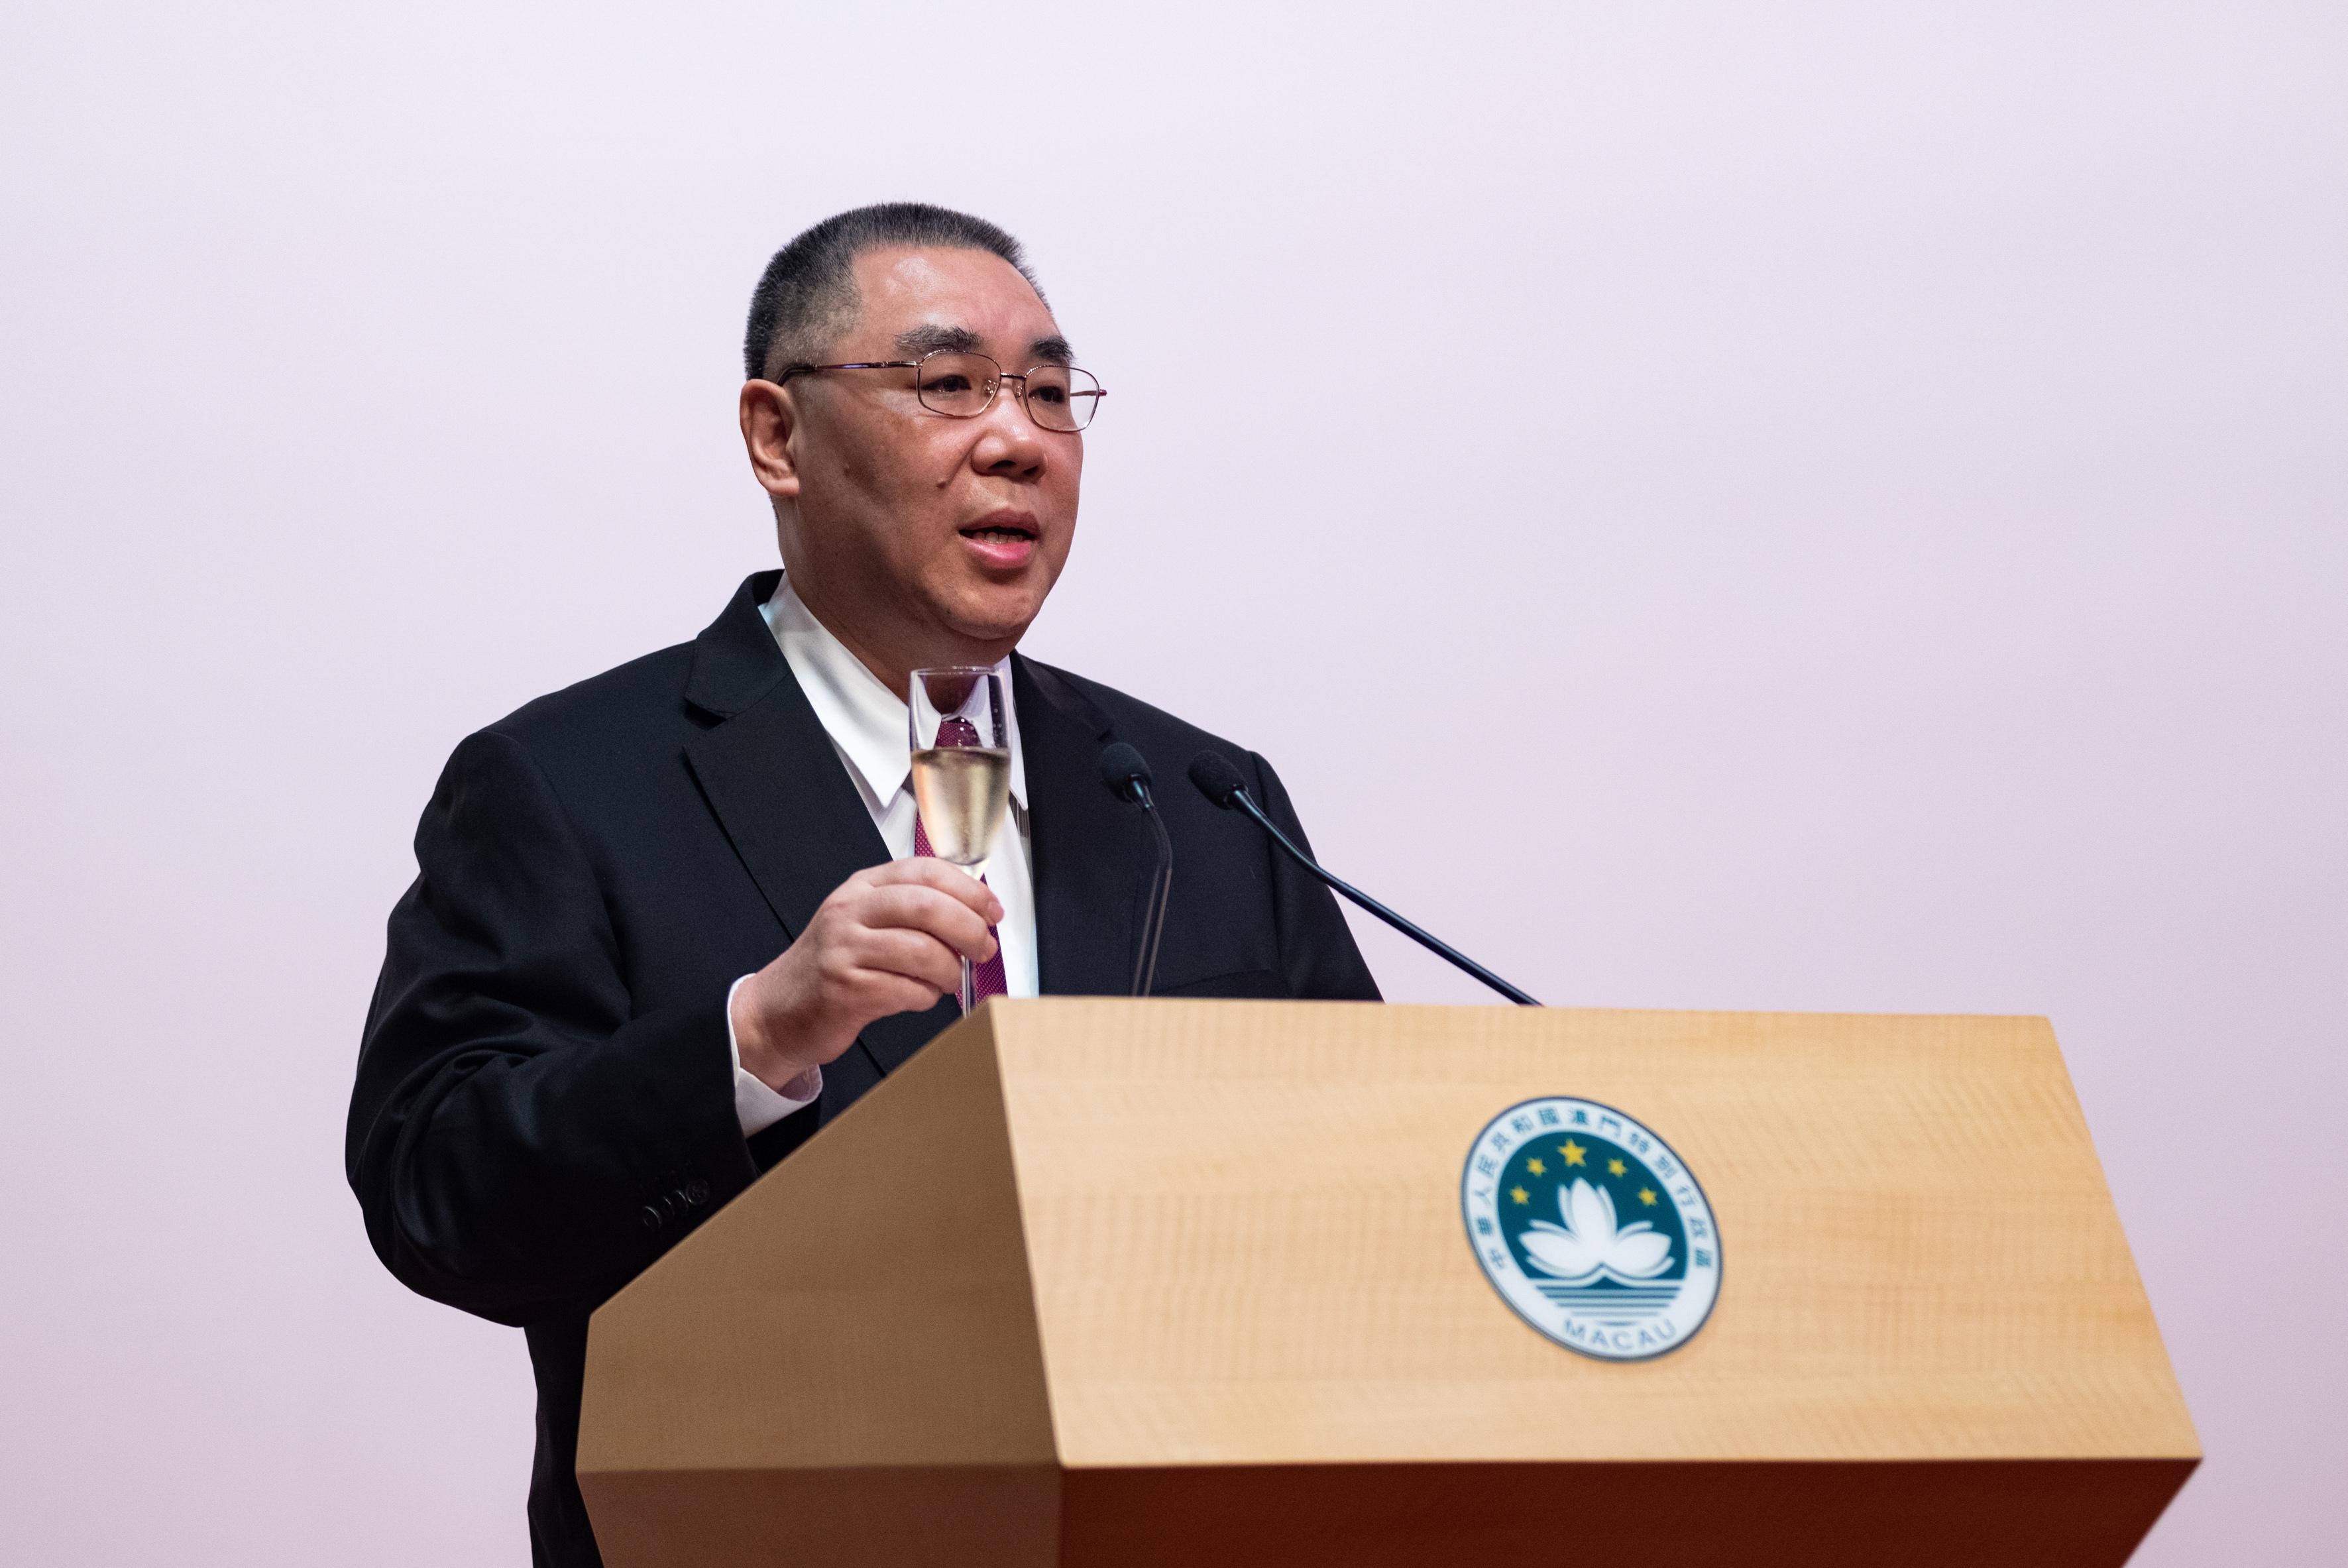 Mandato marcado pela estabilidade, crescimento económico e lealdade ao país - Líder de Macau